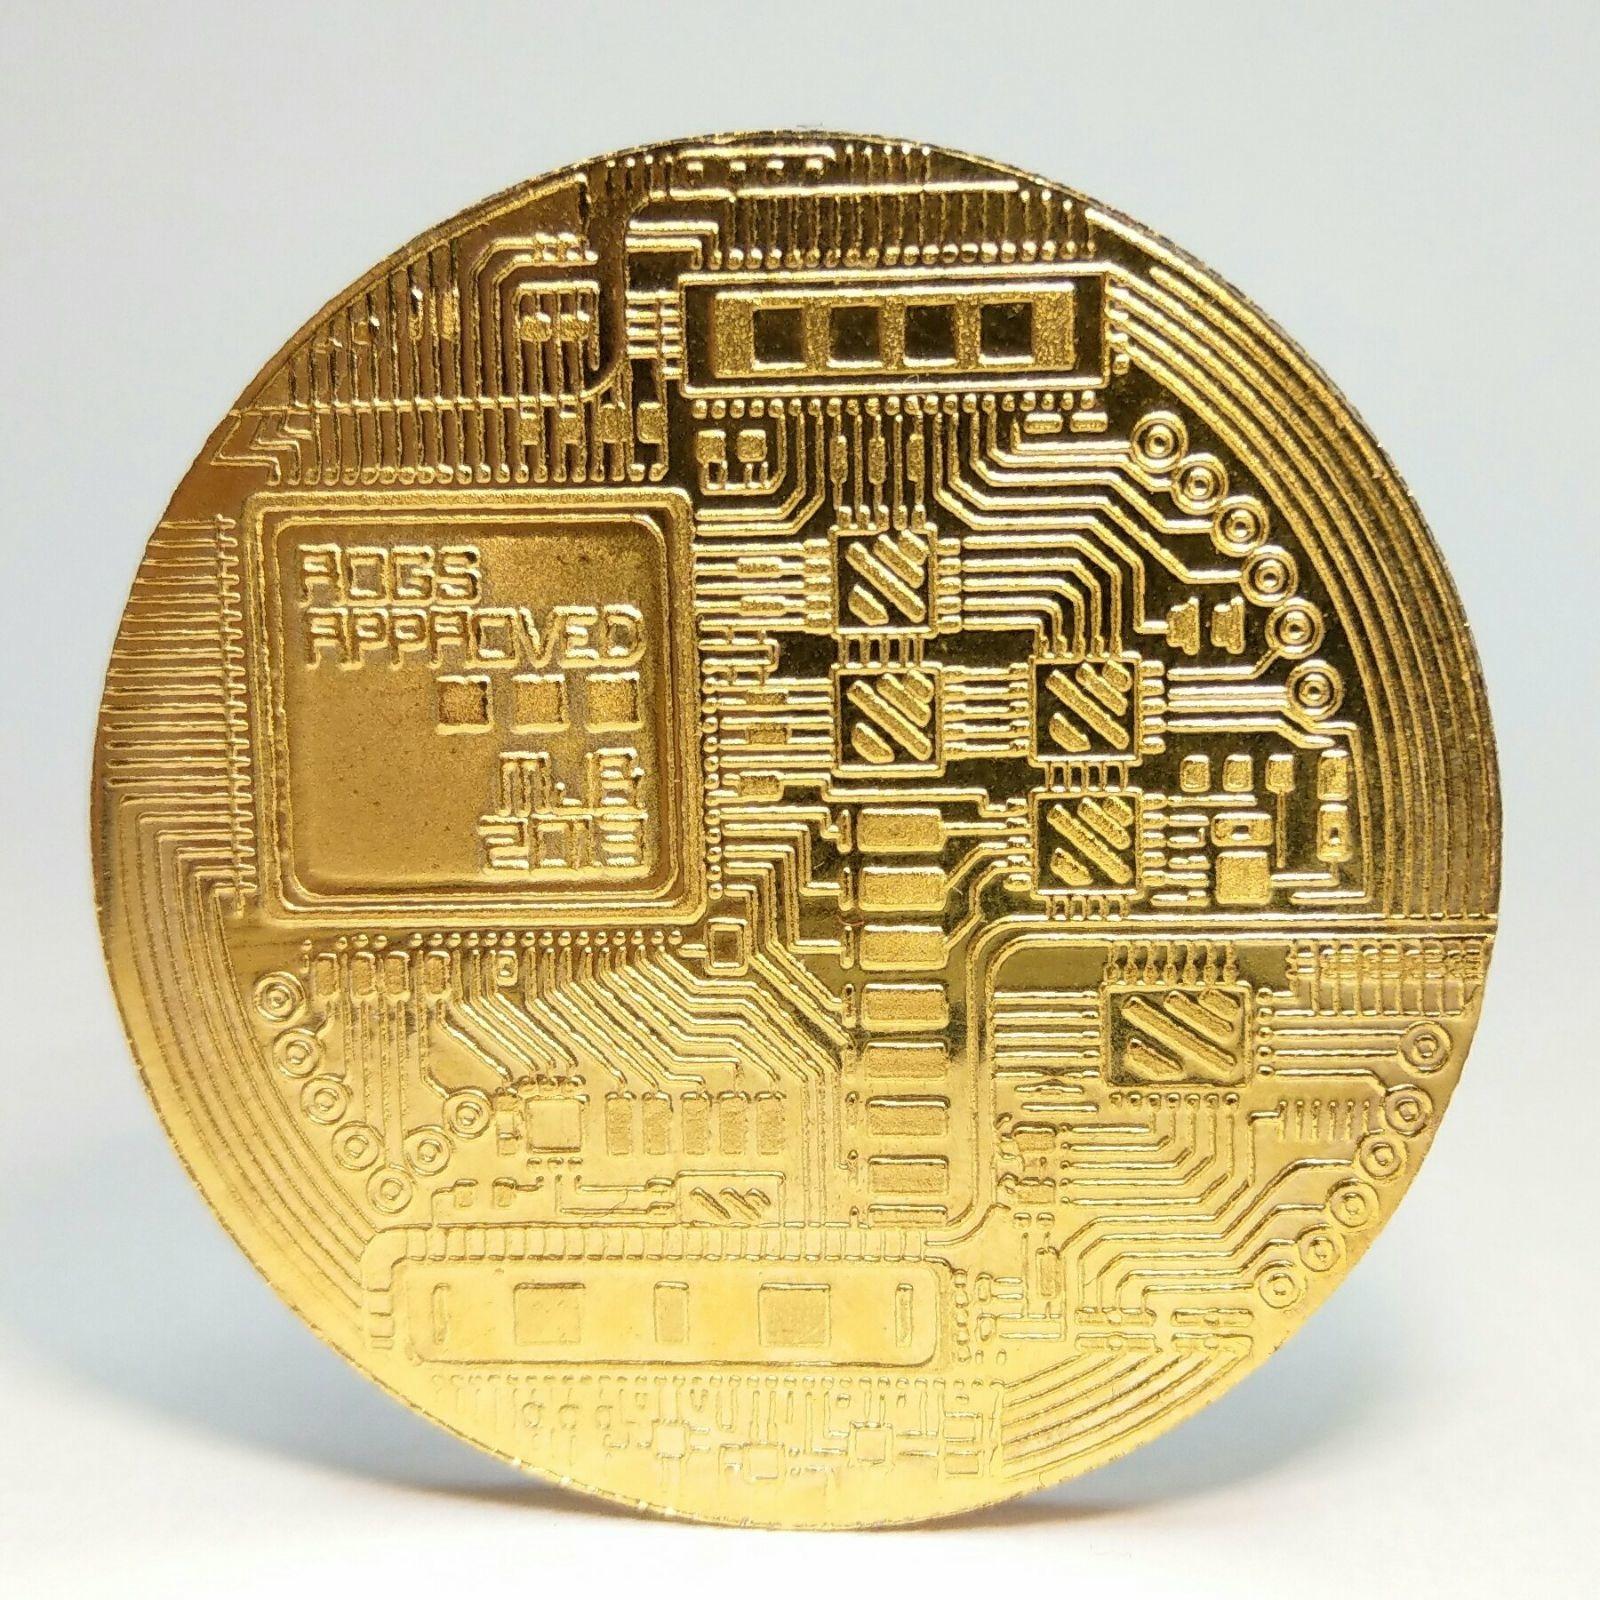 Cadouri de Crăciun pentru cripto-entuziaști - Goana dupa Bitcoin